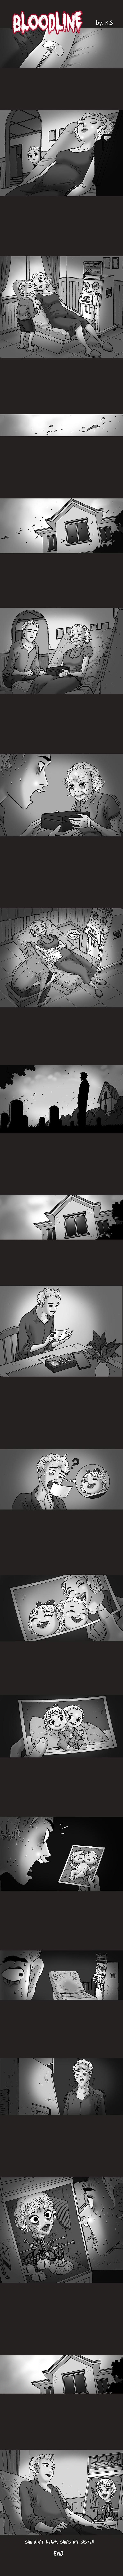 Родственные связи Silent horror, Комиксы, Длиннопост